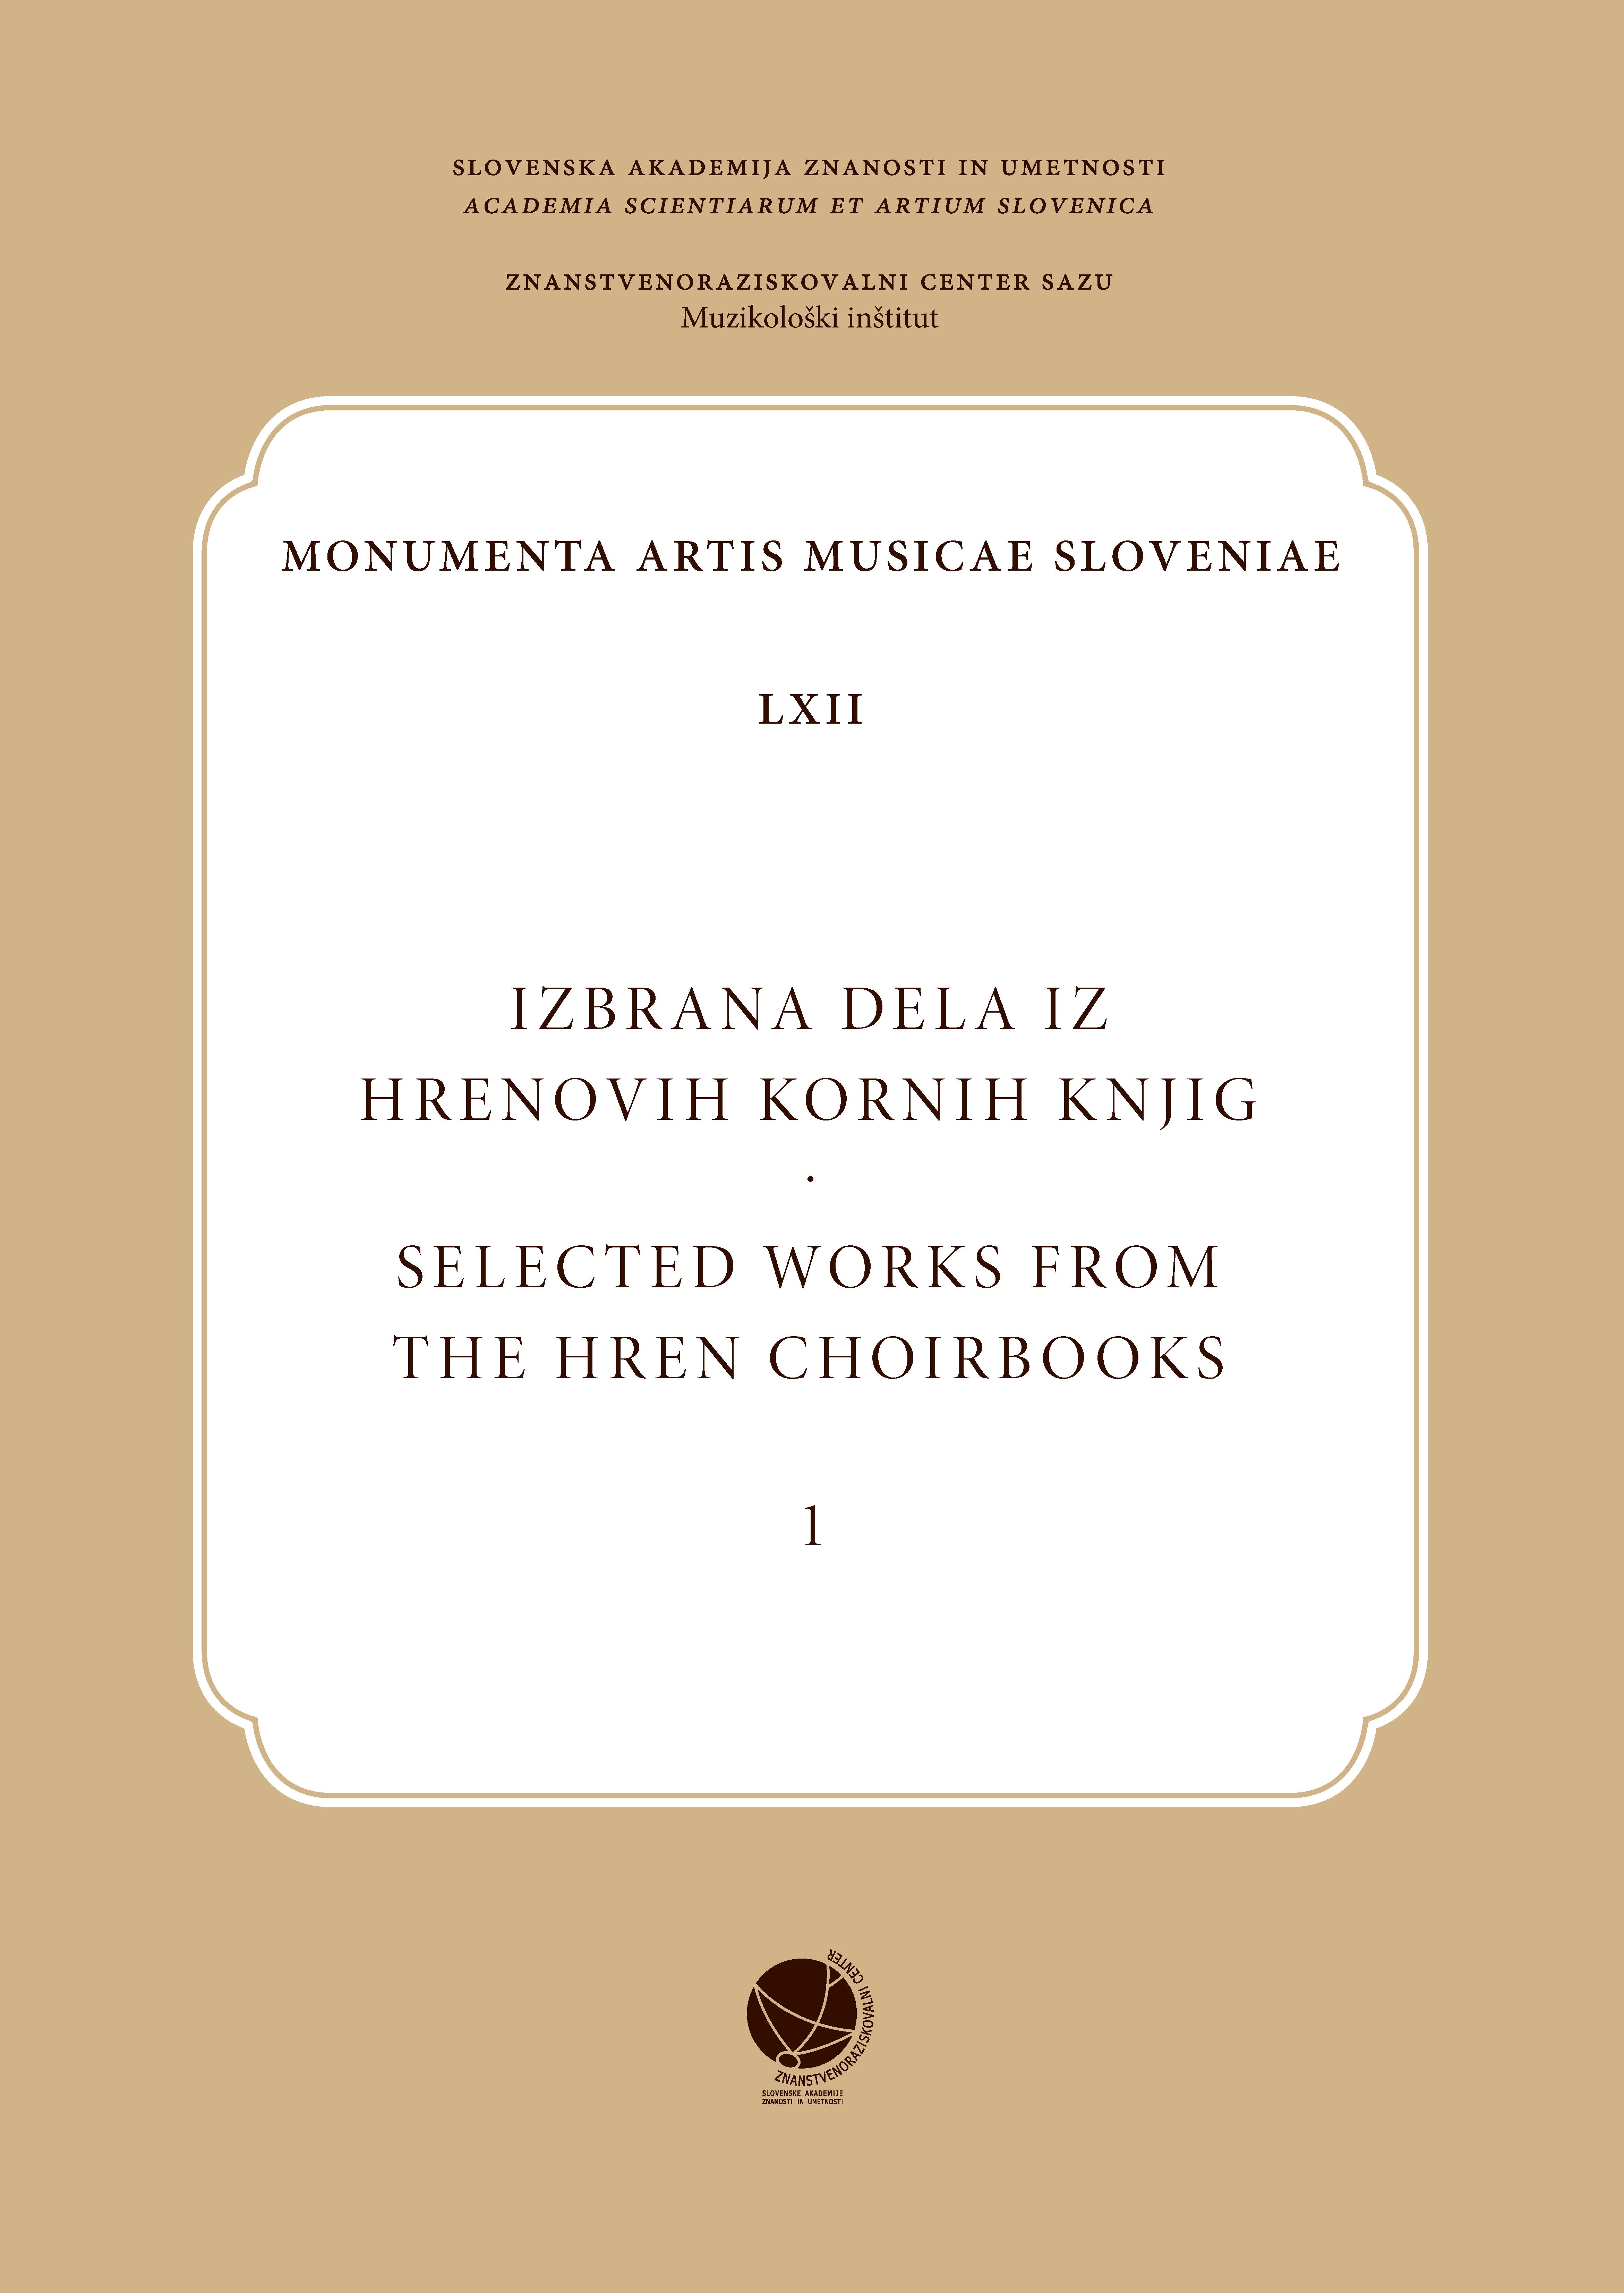 Hren choirbooks